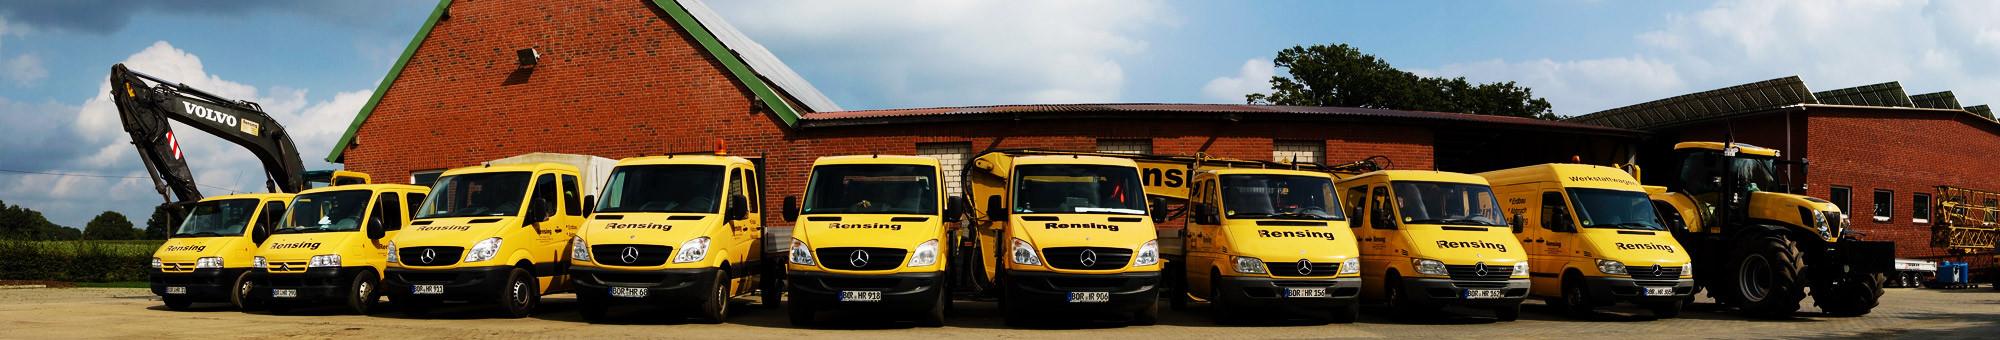 Rensing Erdbau GmbH & Co KG